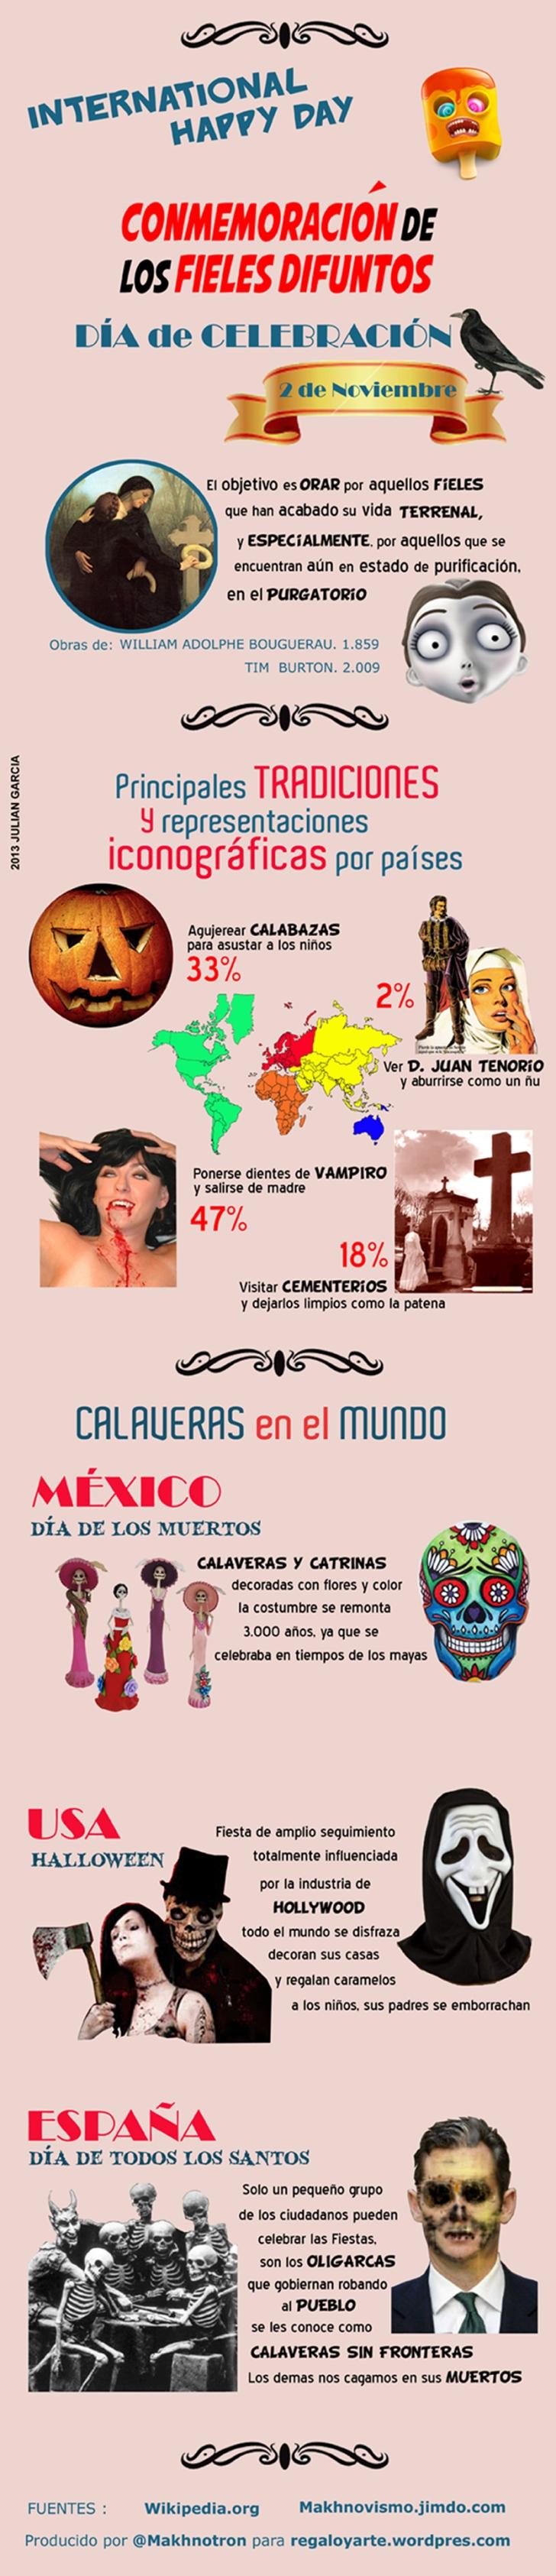 #Infografia Halloween – Día de Todos los Santos #Humor